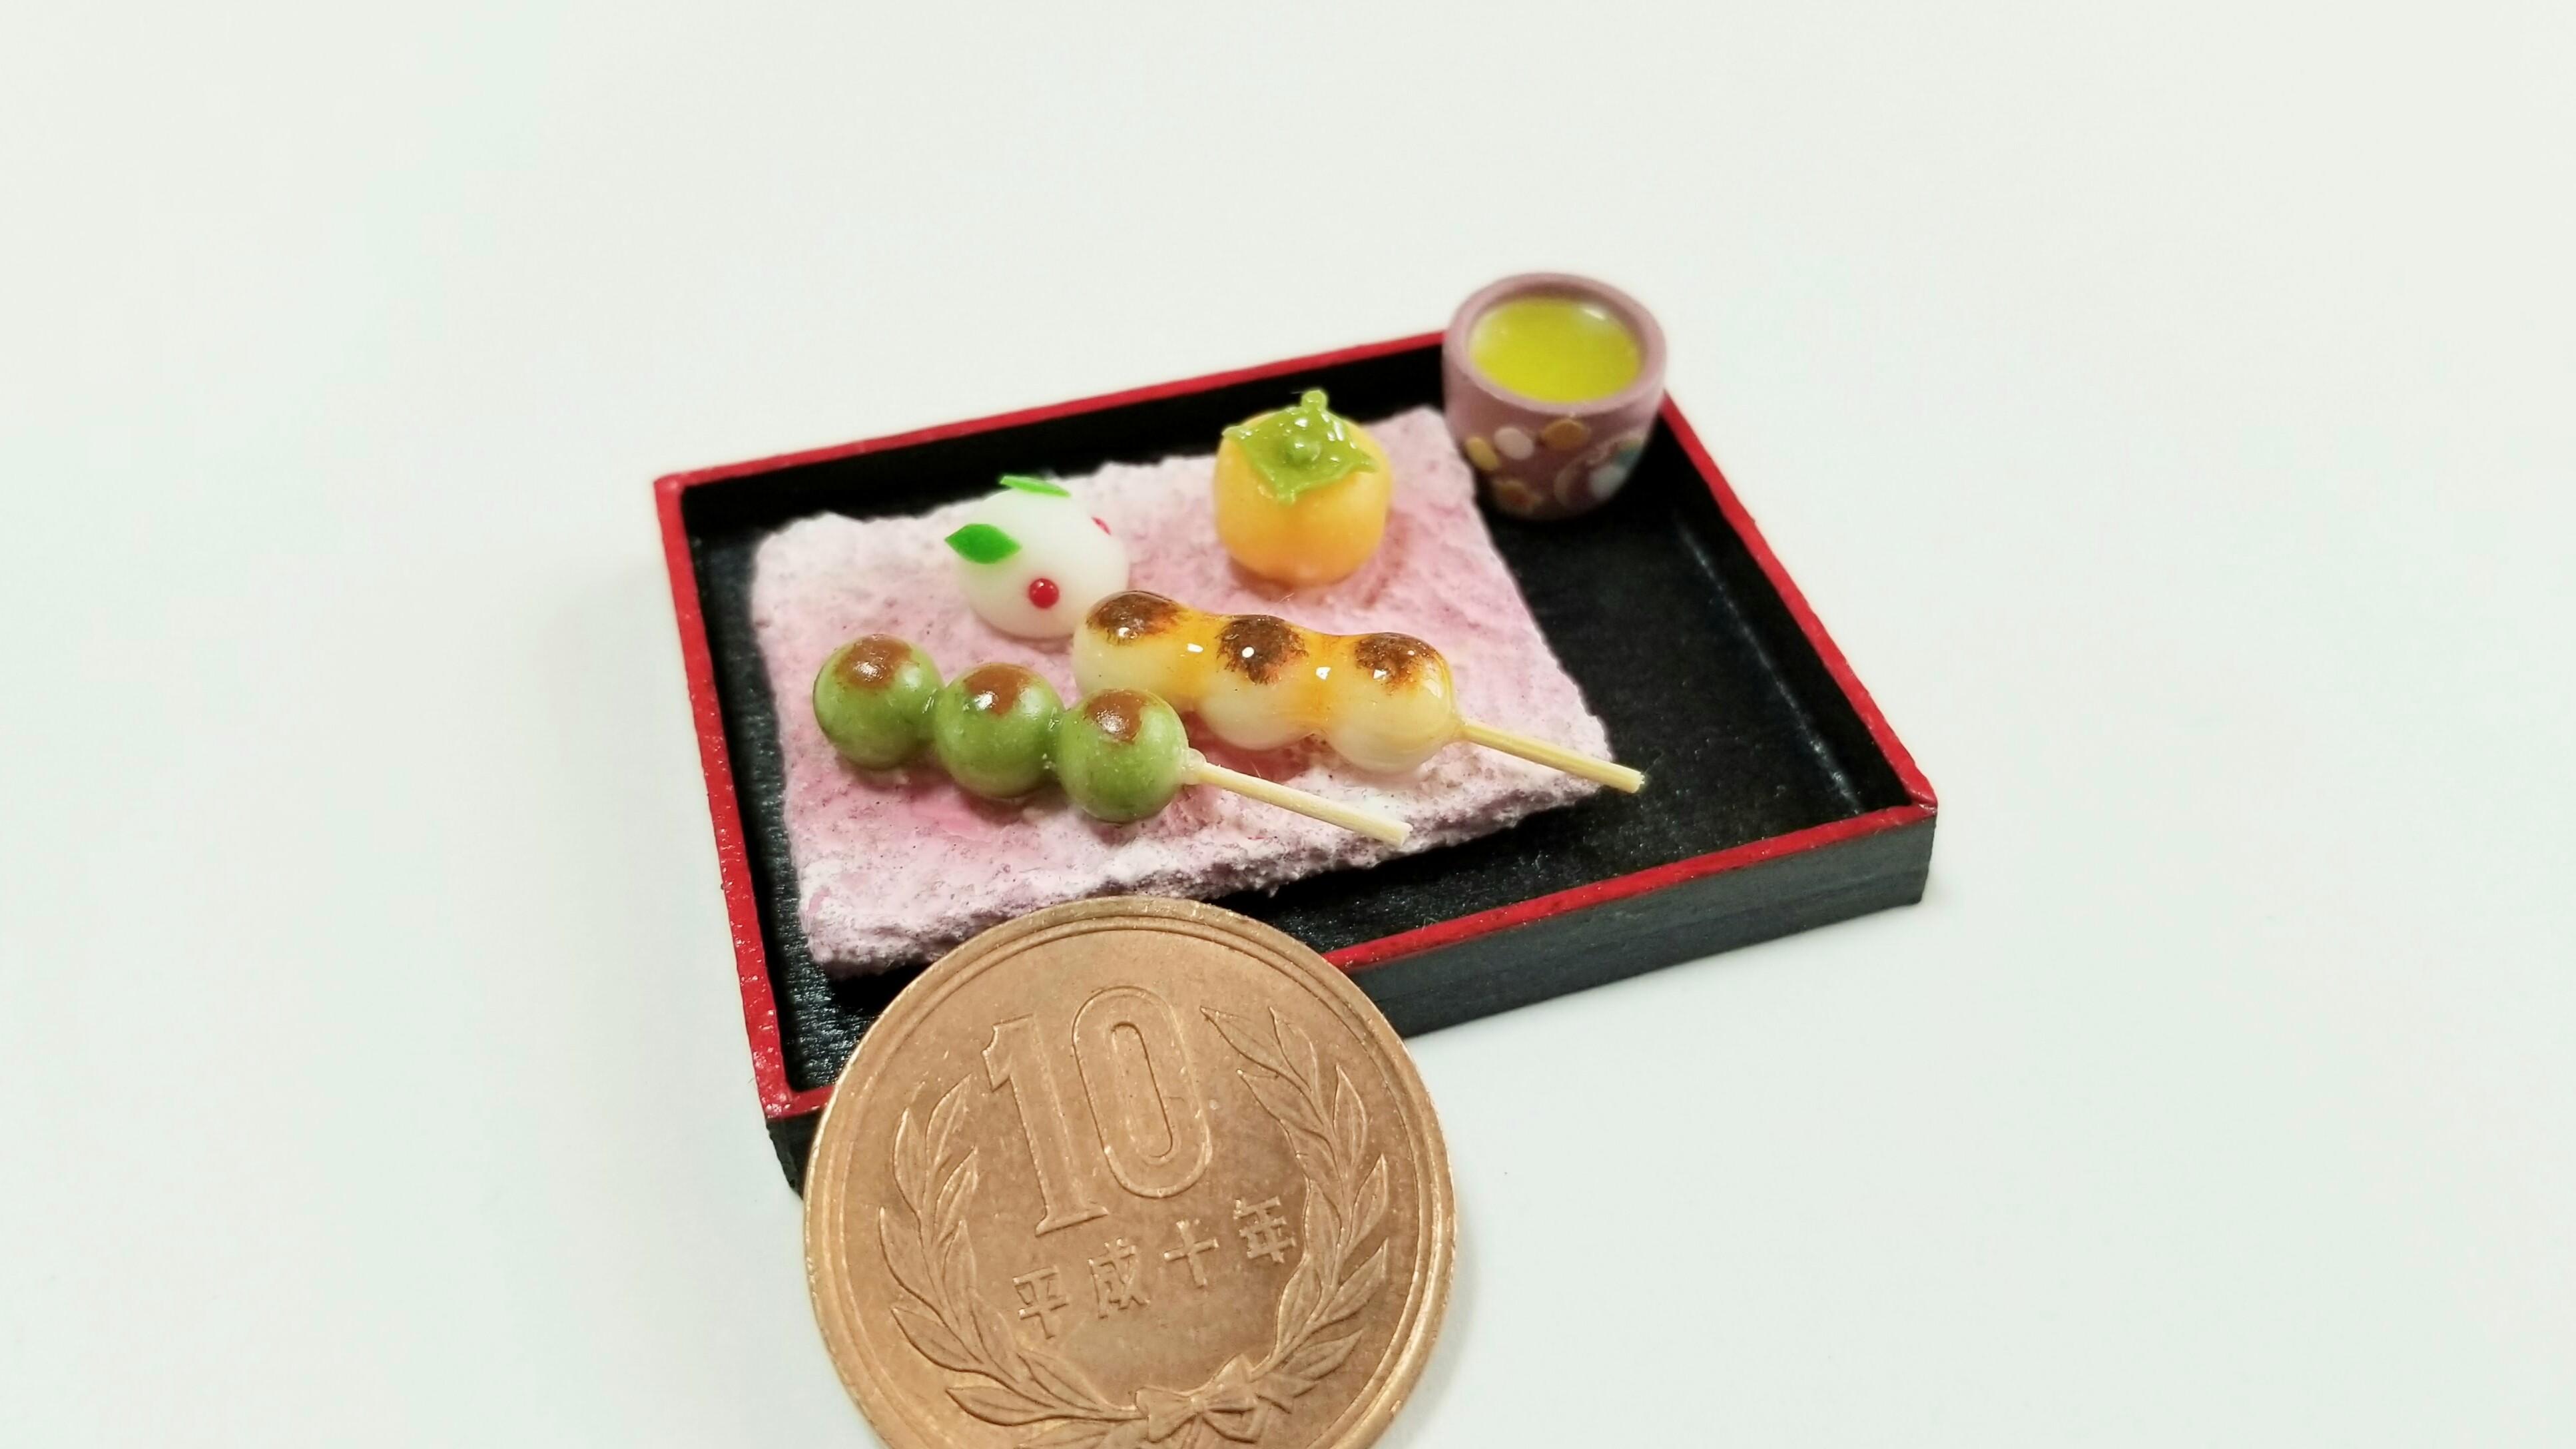 ミニチュアフェイクフード可愛い和菓子みたらし団子うさぎ饅頭柿抹茶